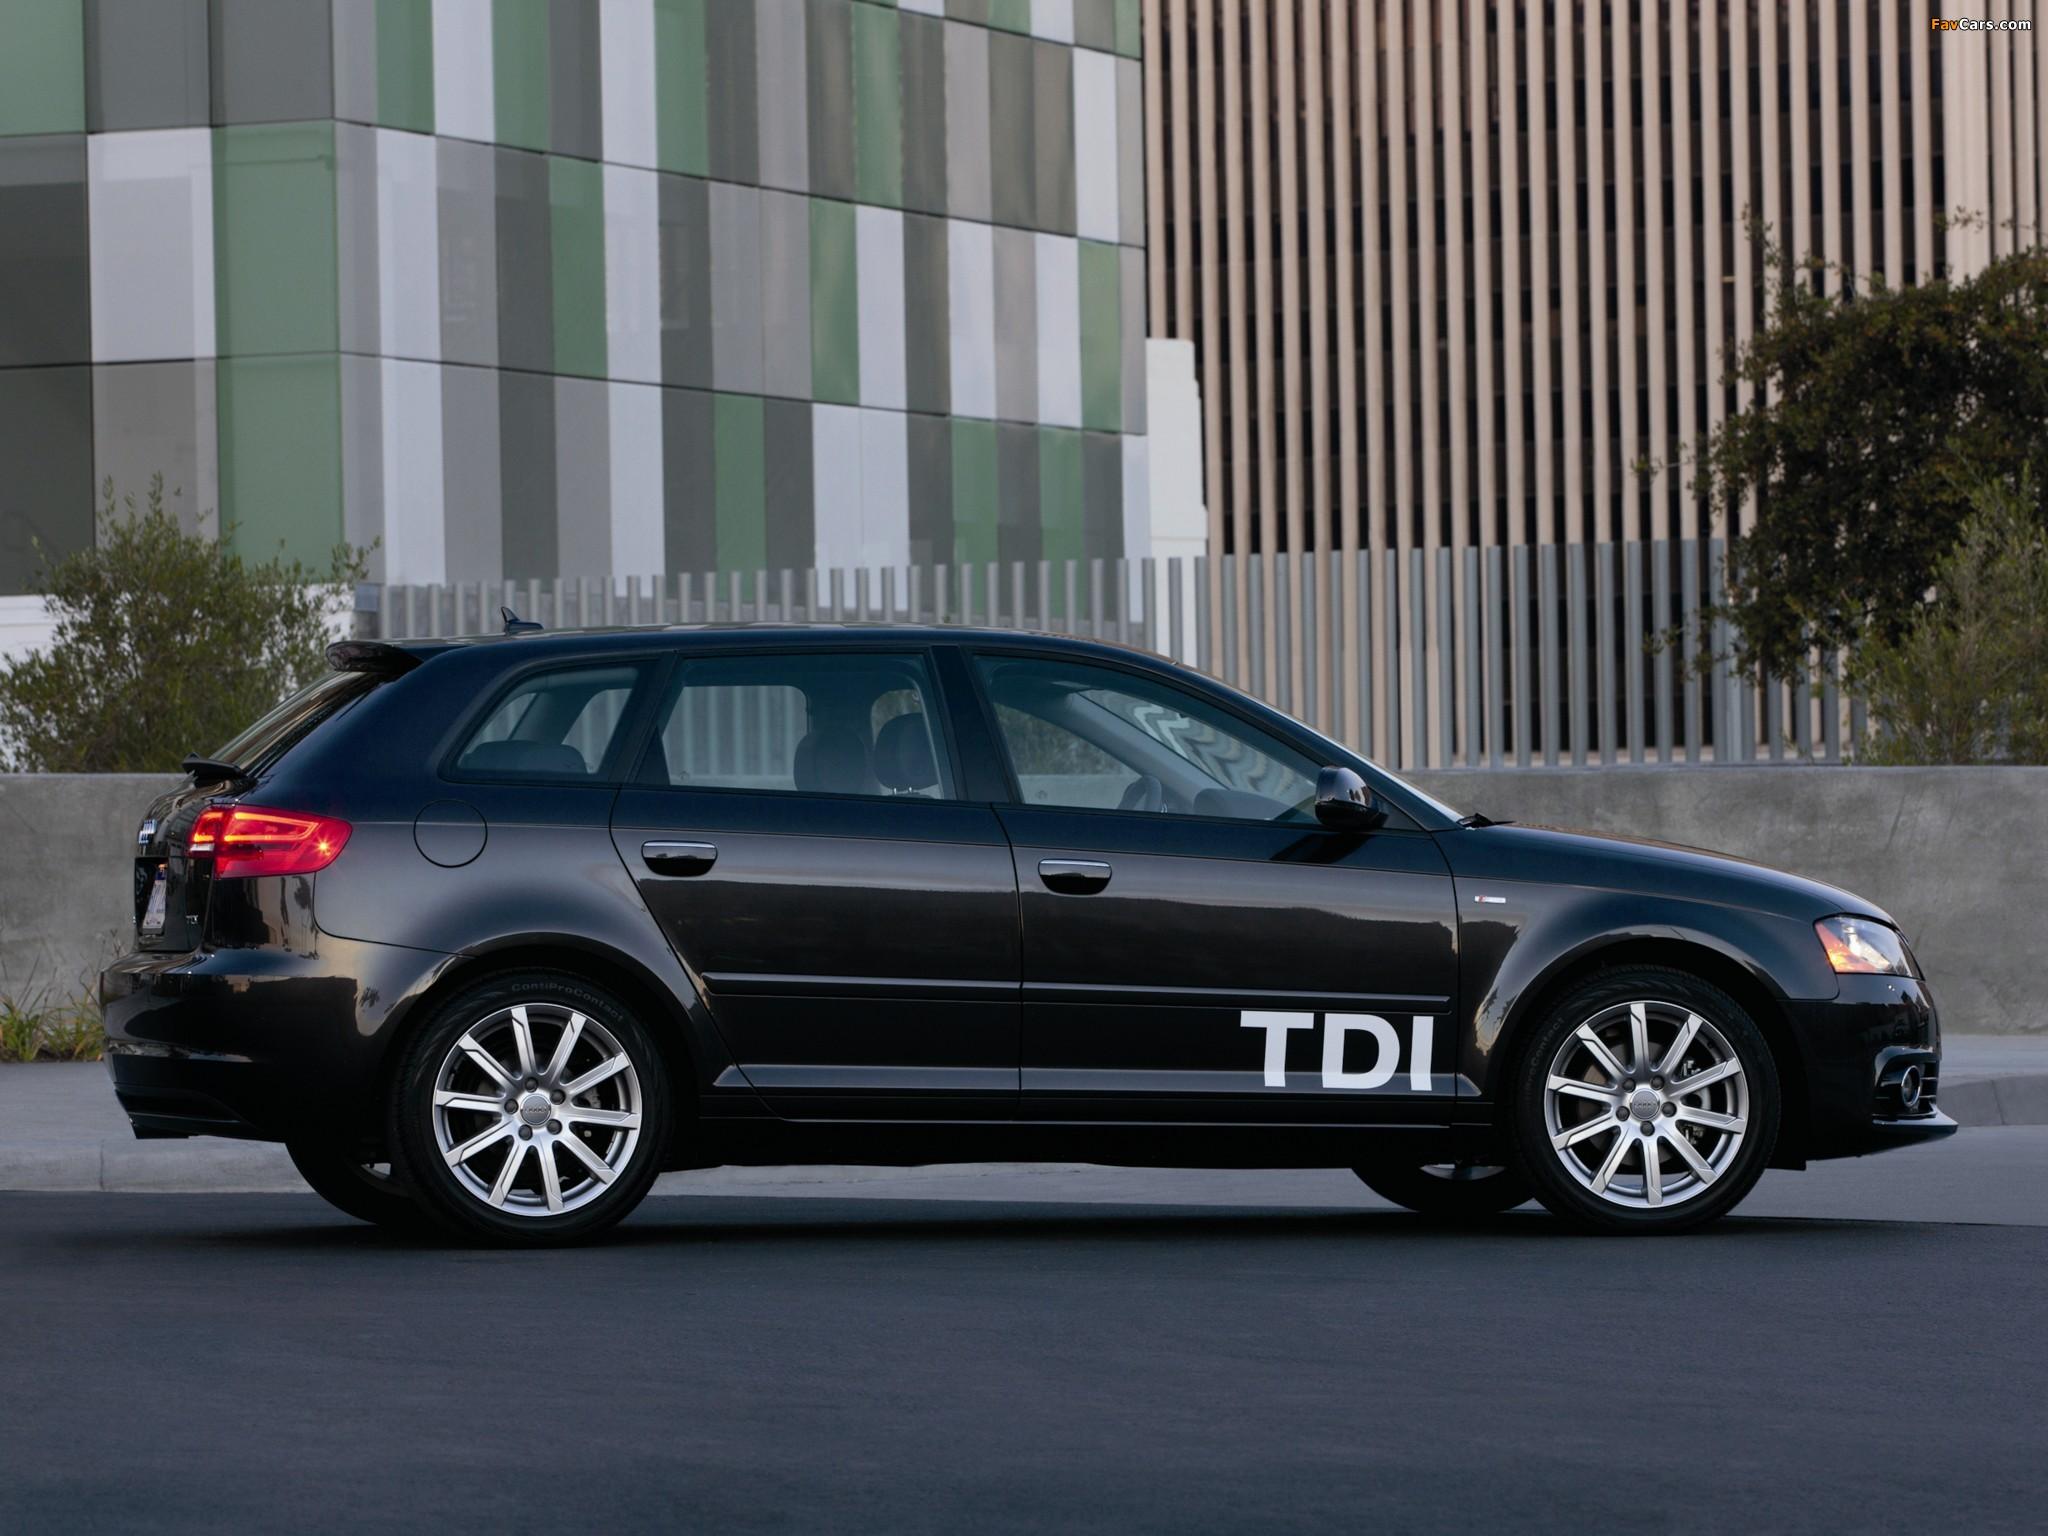 audi a3 sportback tdi clean diesel 8pa 2009 2010 images. Black Bedroom Furniture Sets. Home Design Ideas